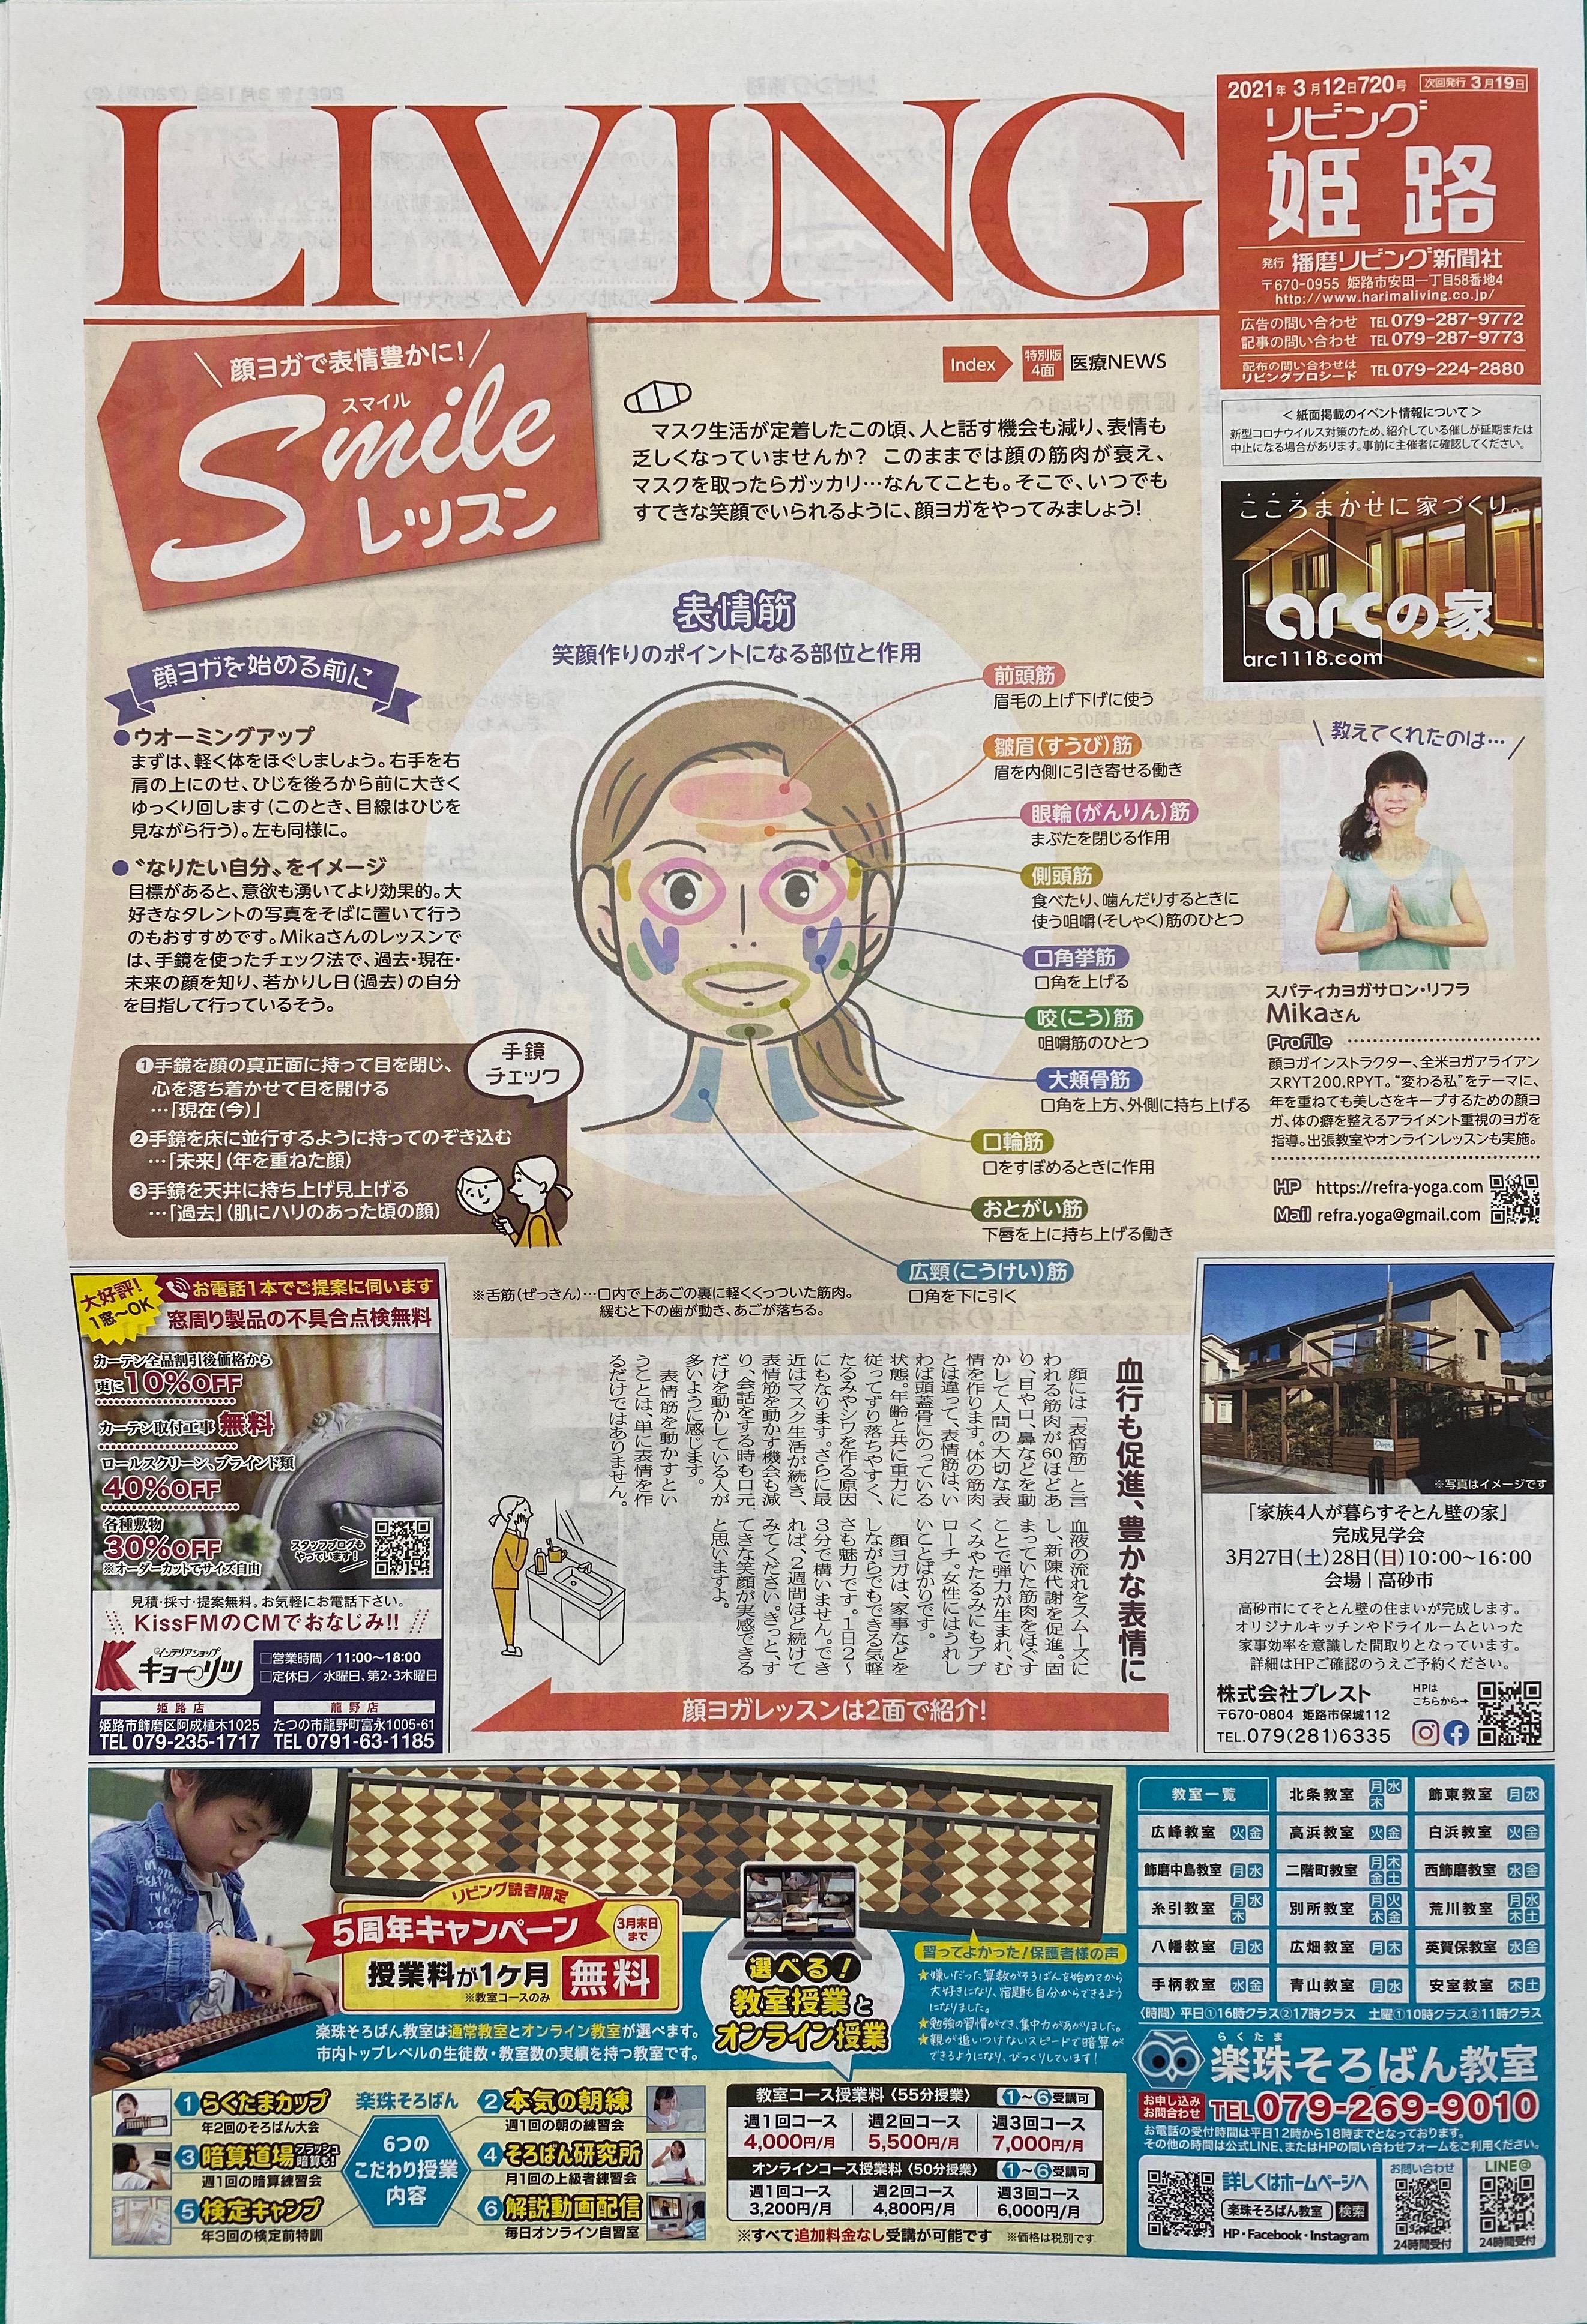 3月12日リビング姫路に広告掲載!